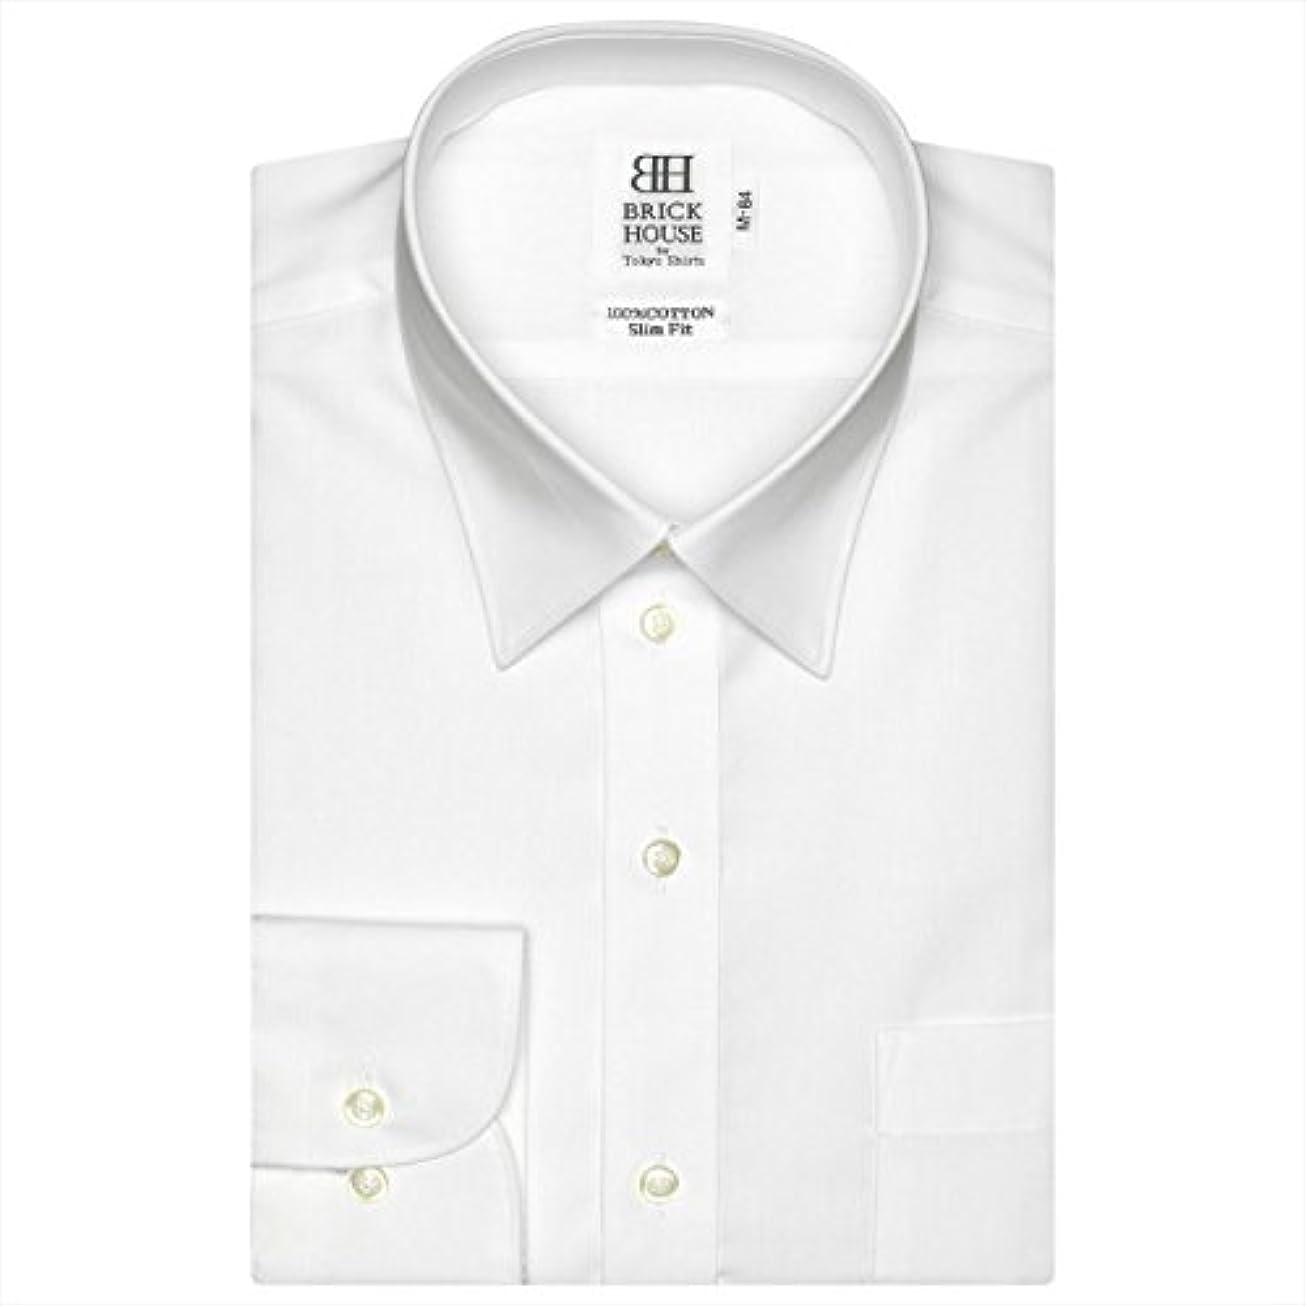 欲求不満スピーチ活発ブリックハウス ワイシャツ 長袖 形態安定 レギュラー 白無地 スリム メンズ BM01X903AB11R4A-96